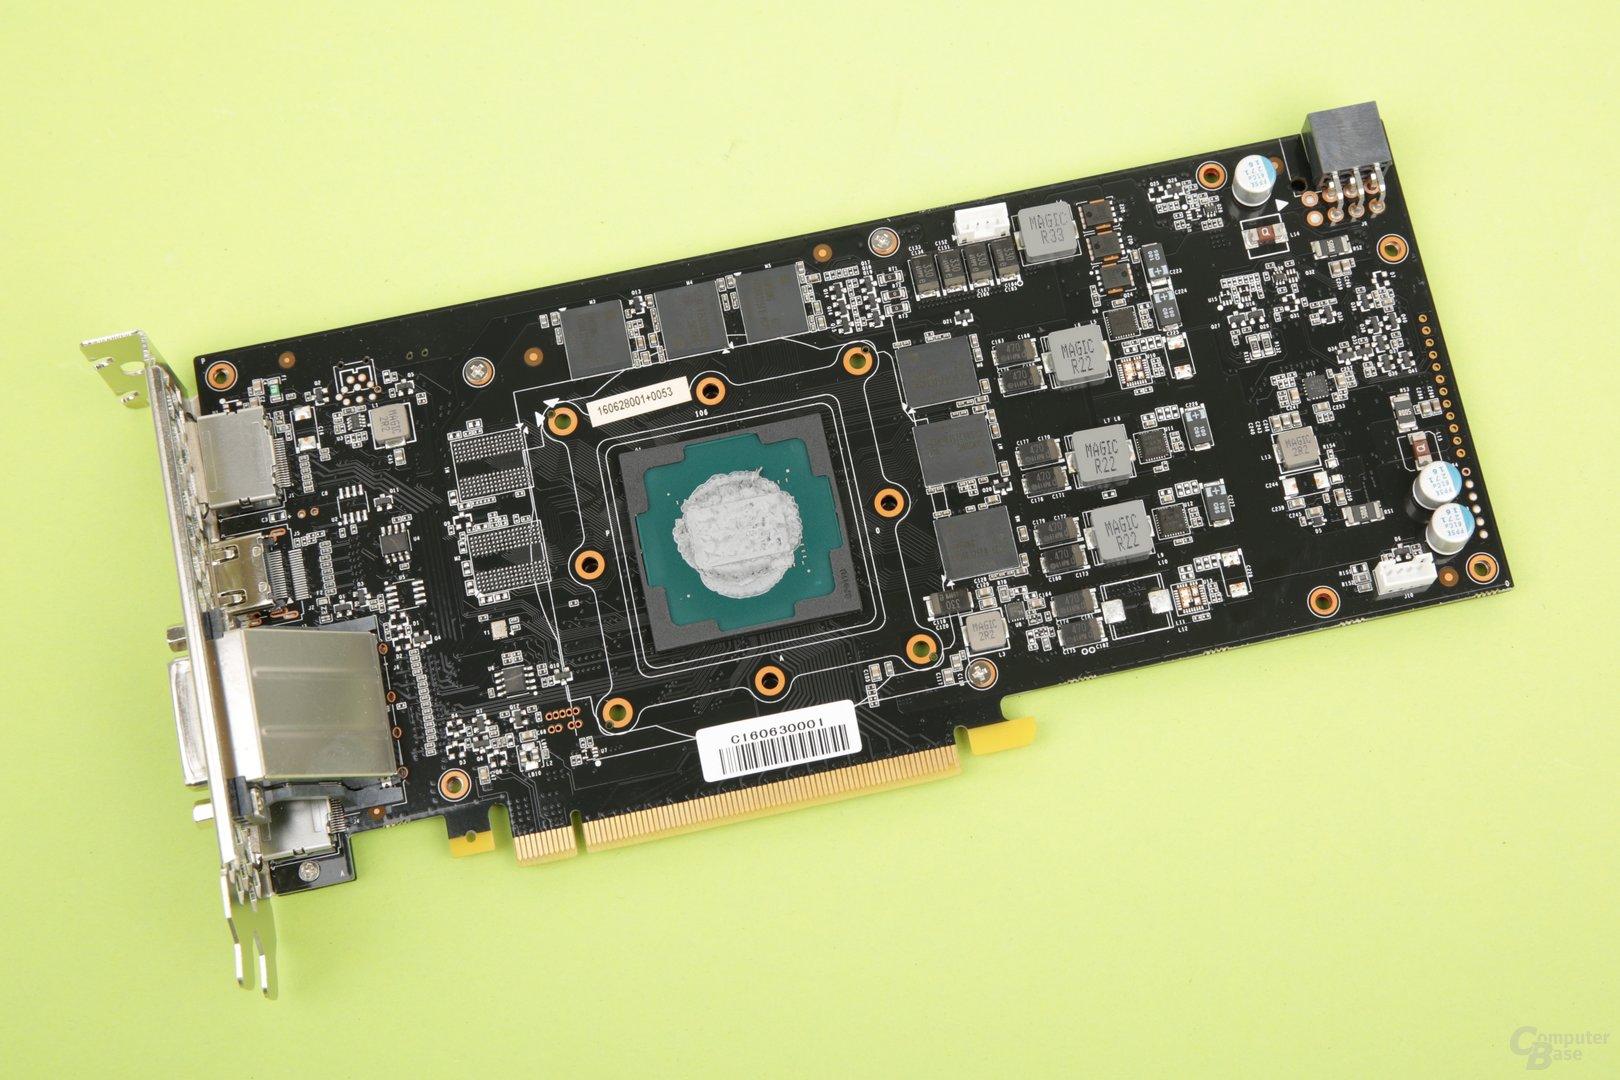 Das PCB der Version von Palit ist kompakt